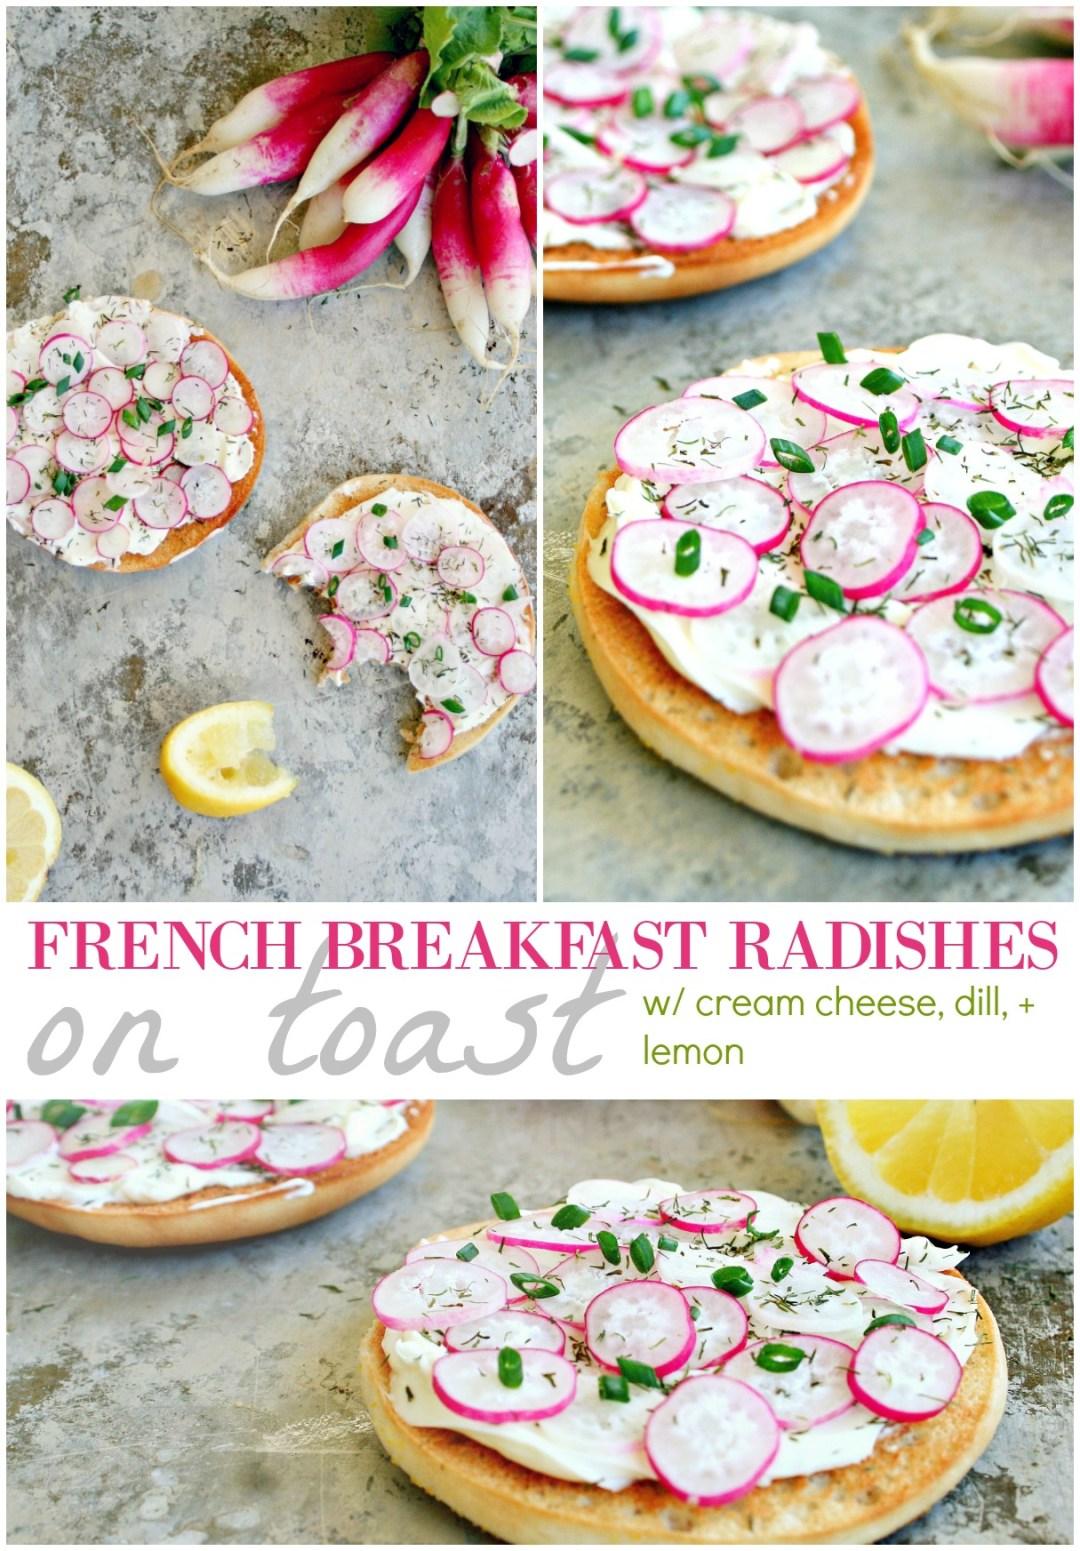 French Breakfast Radishes Pinterest!